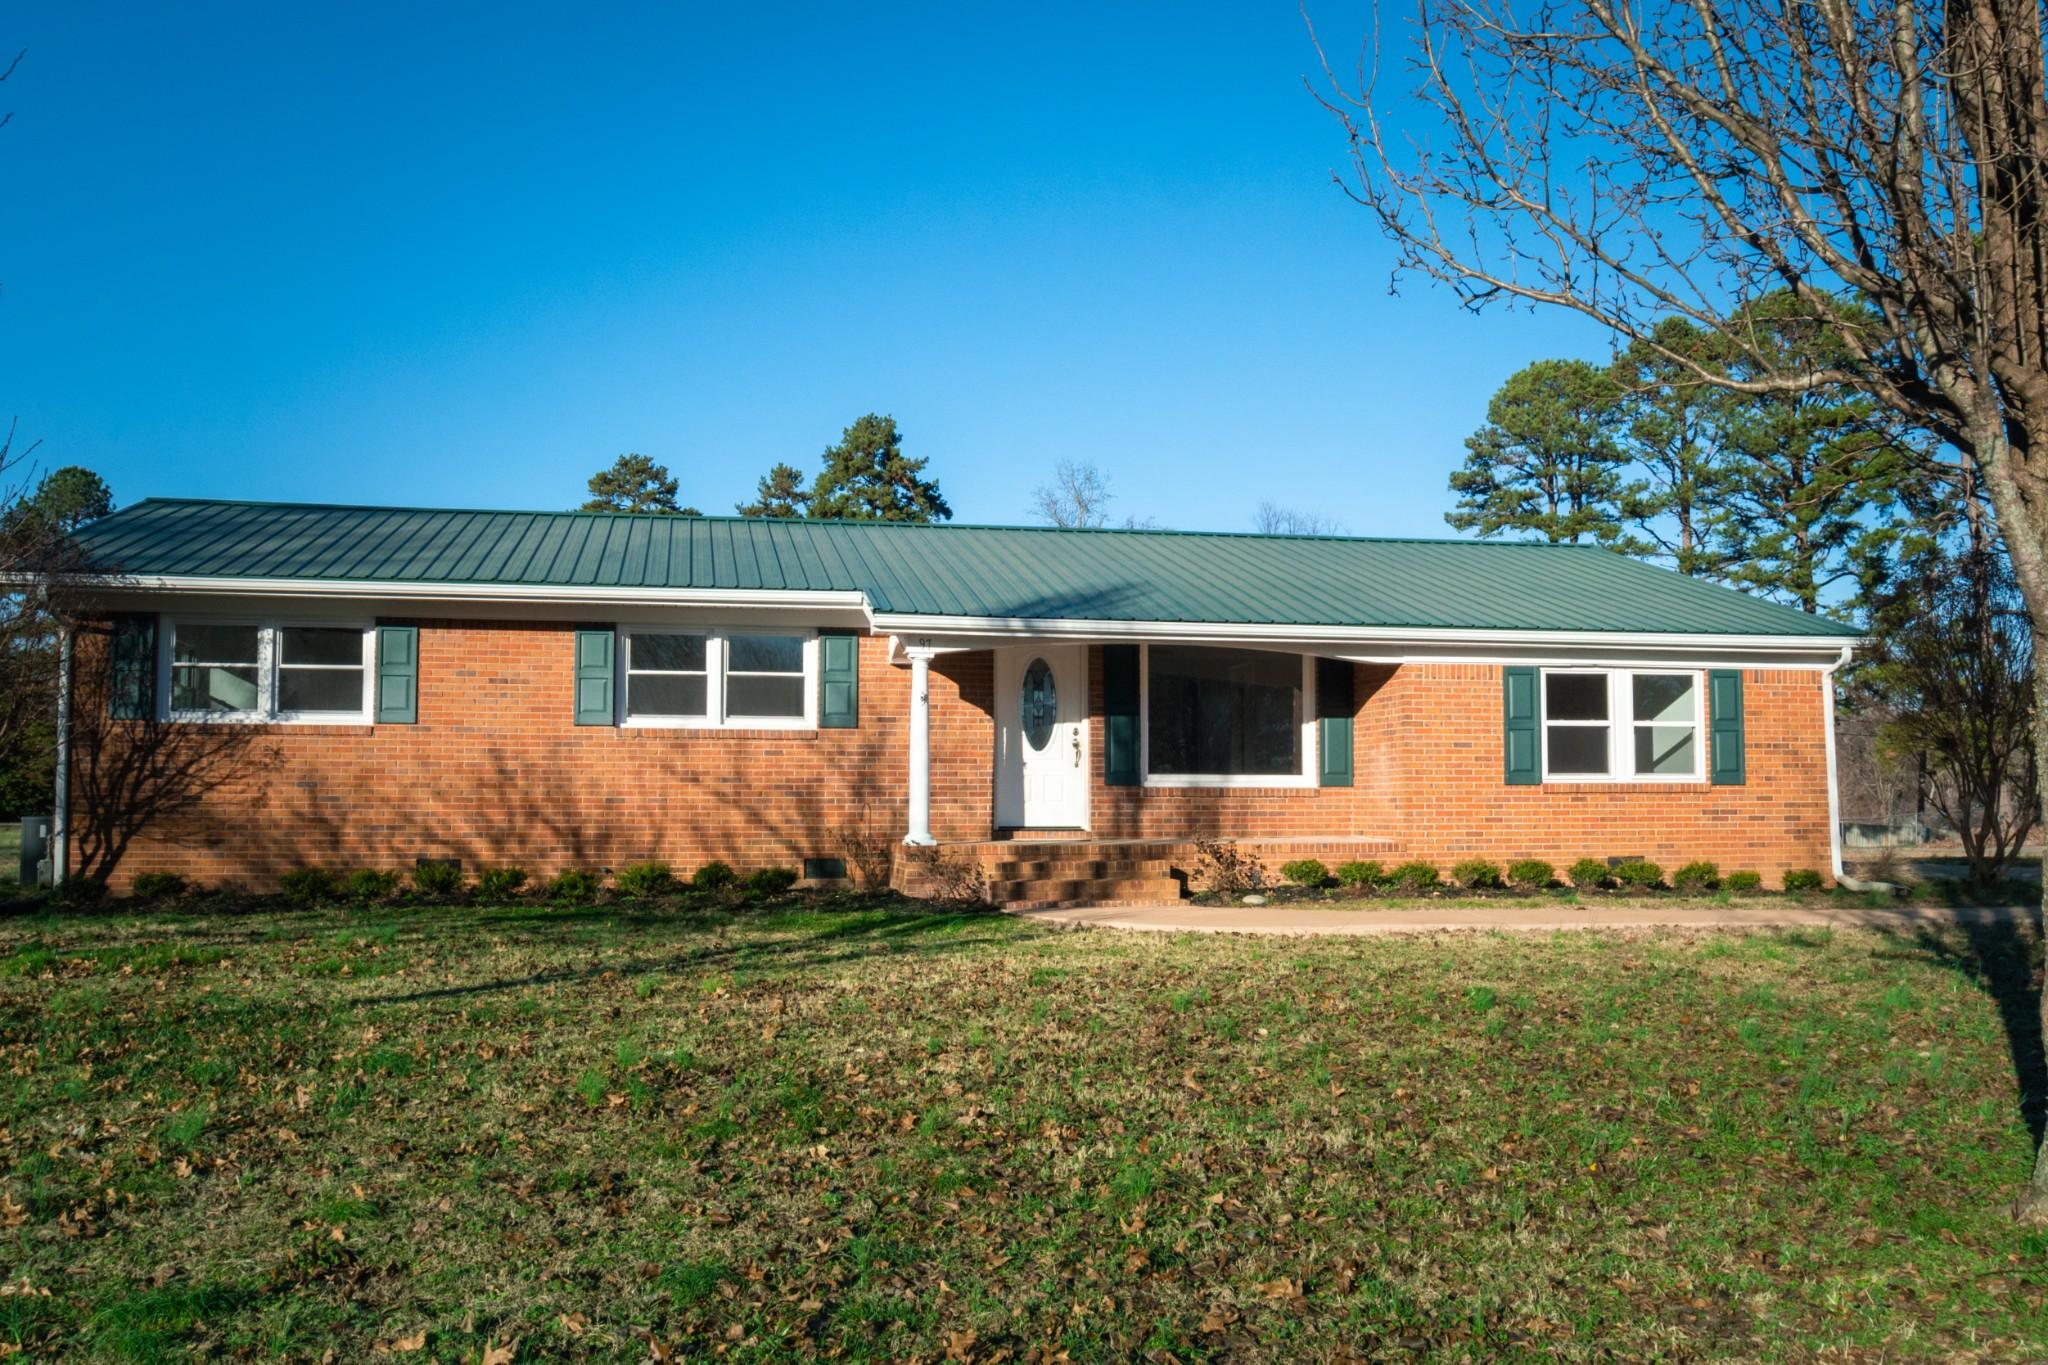 97 Horseshoe Bend Rd, Leoma, TN 38468 - Leoma, TN real estate listing